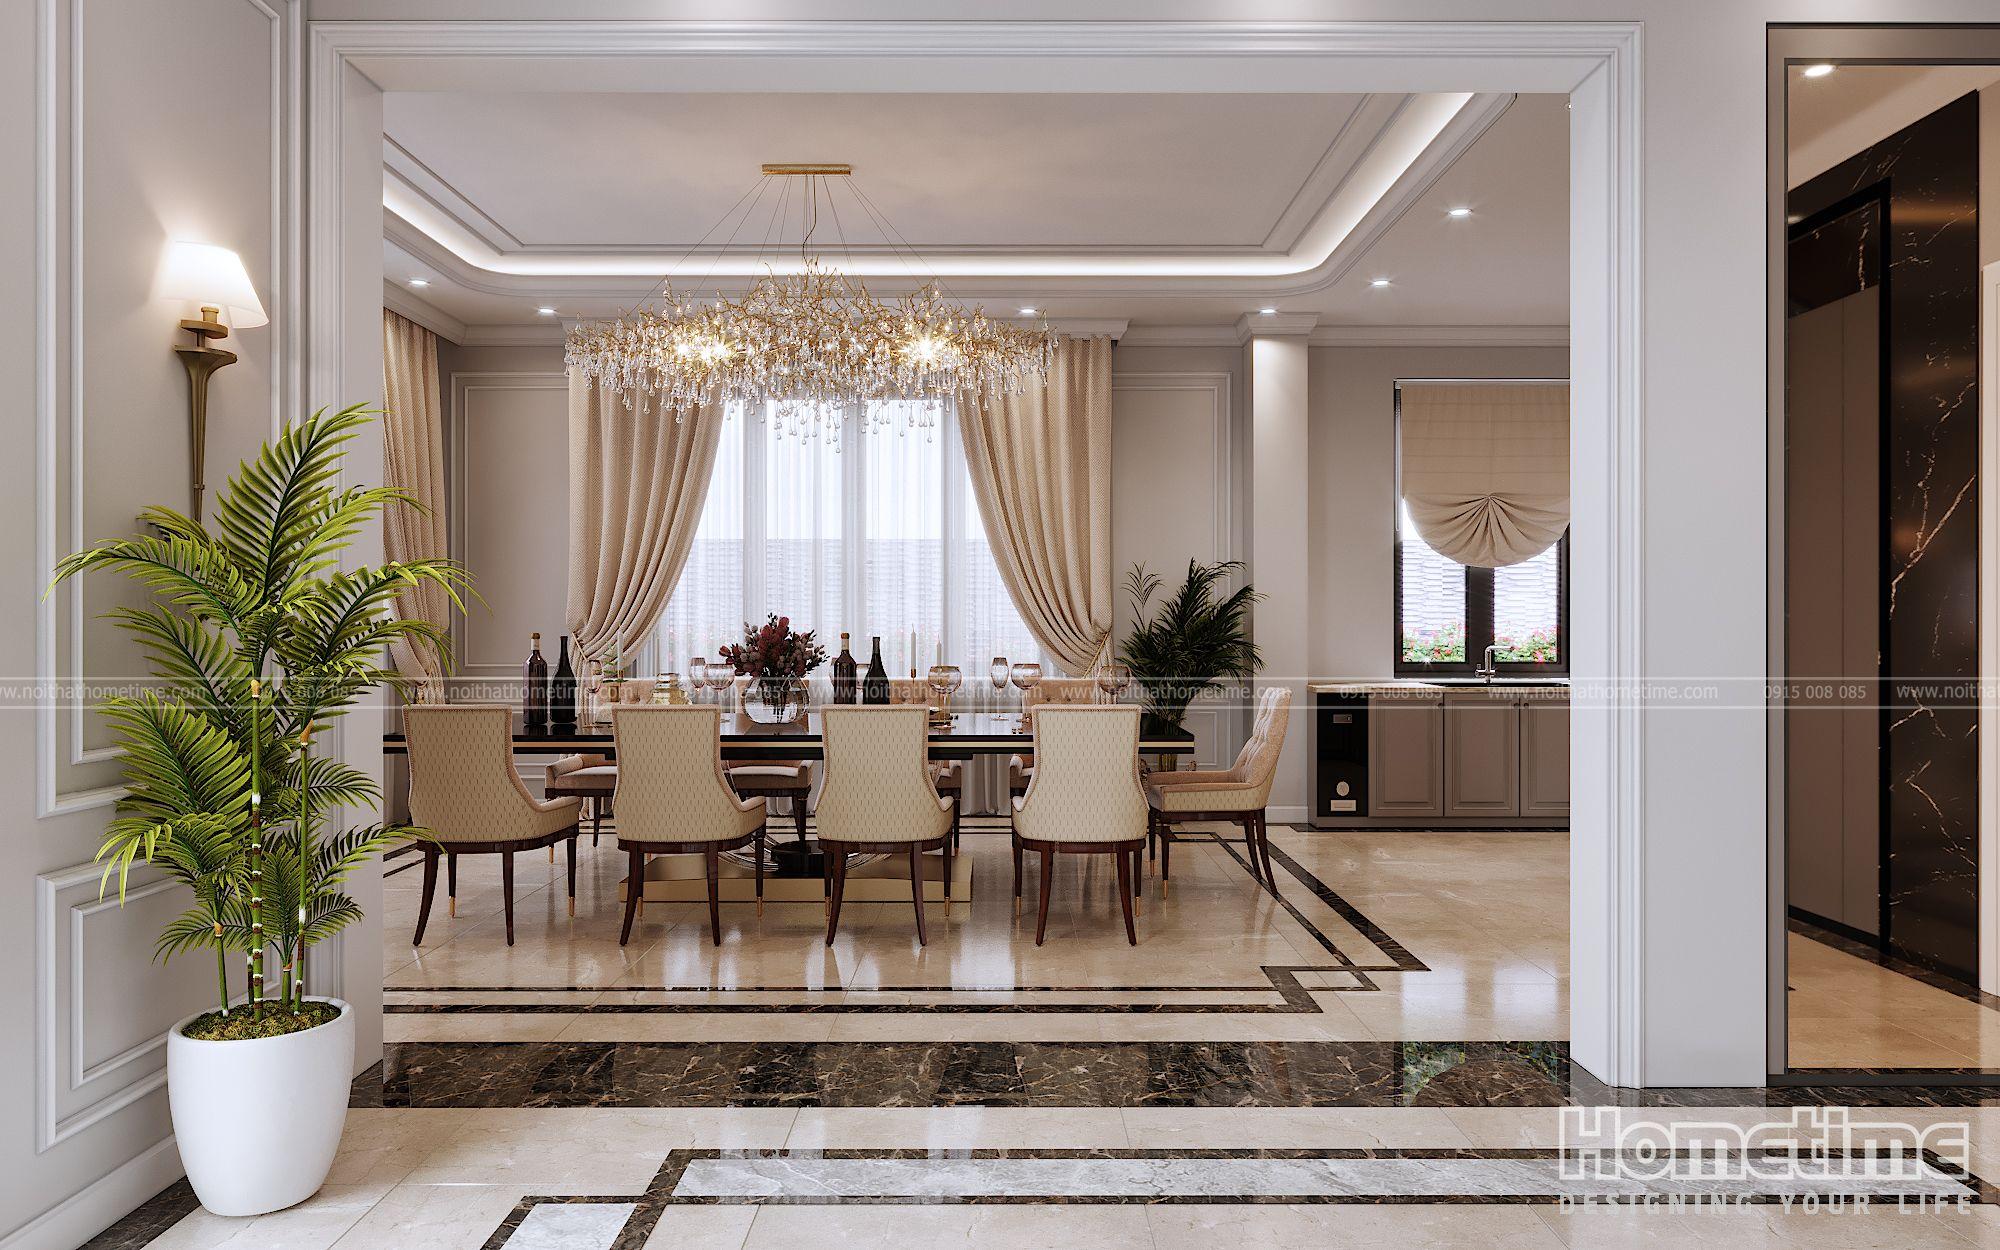 Thiết kế nội thất phòng khách và phòng bếp có sự liên thông